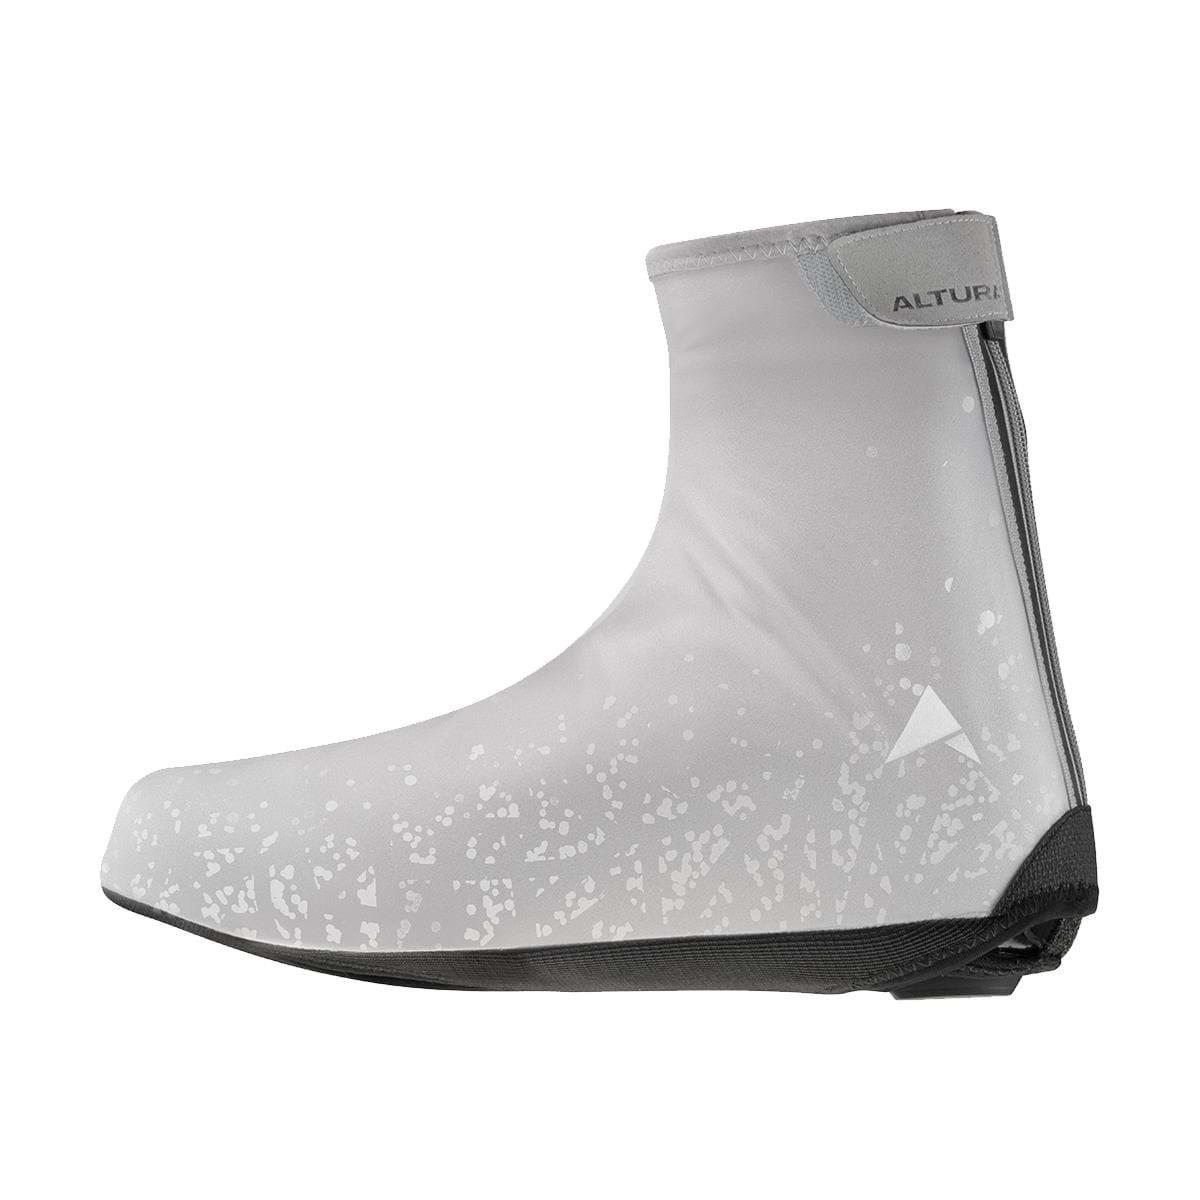 Firestorm Waterproof Overshoes